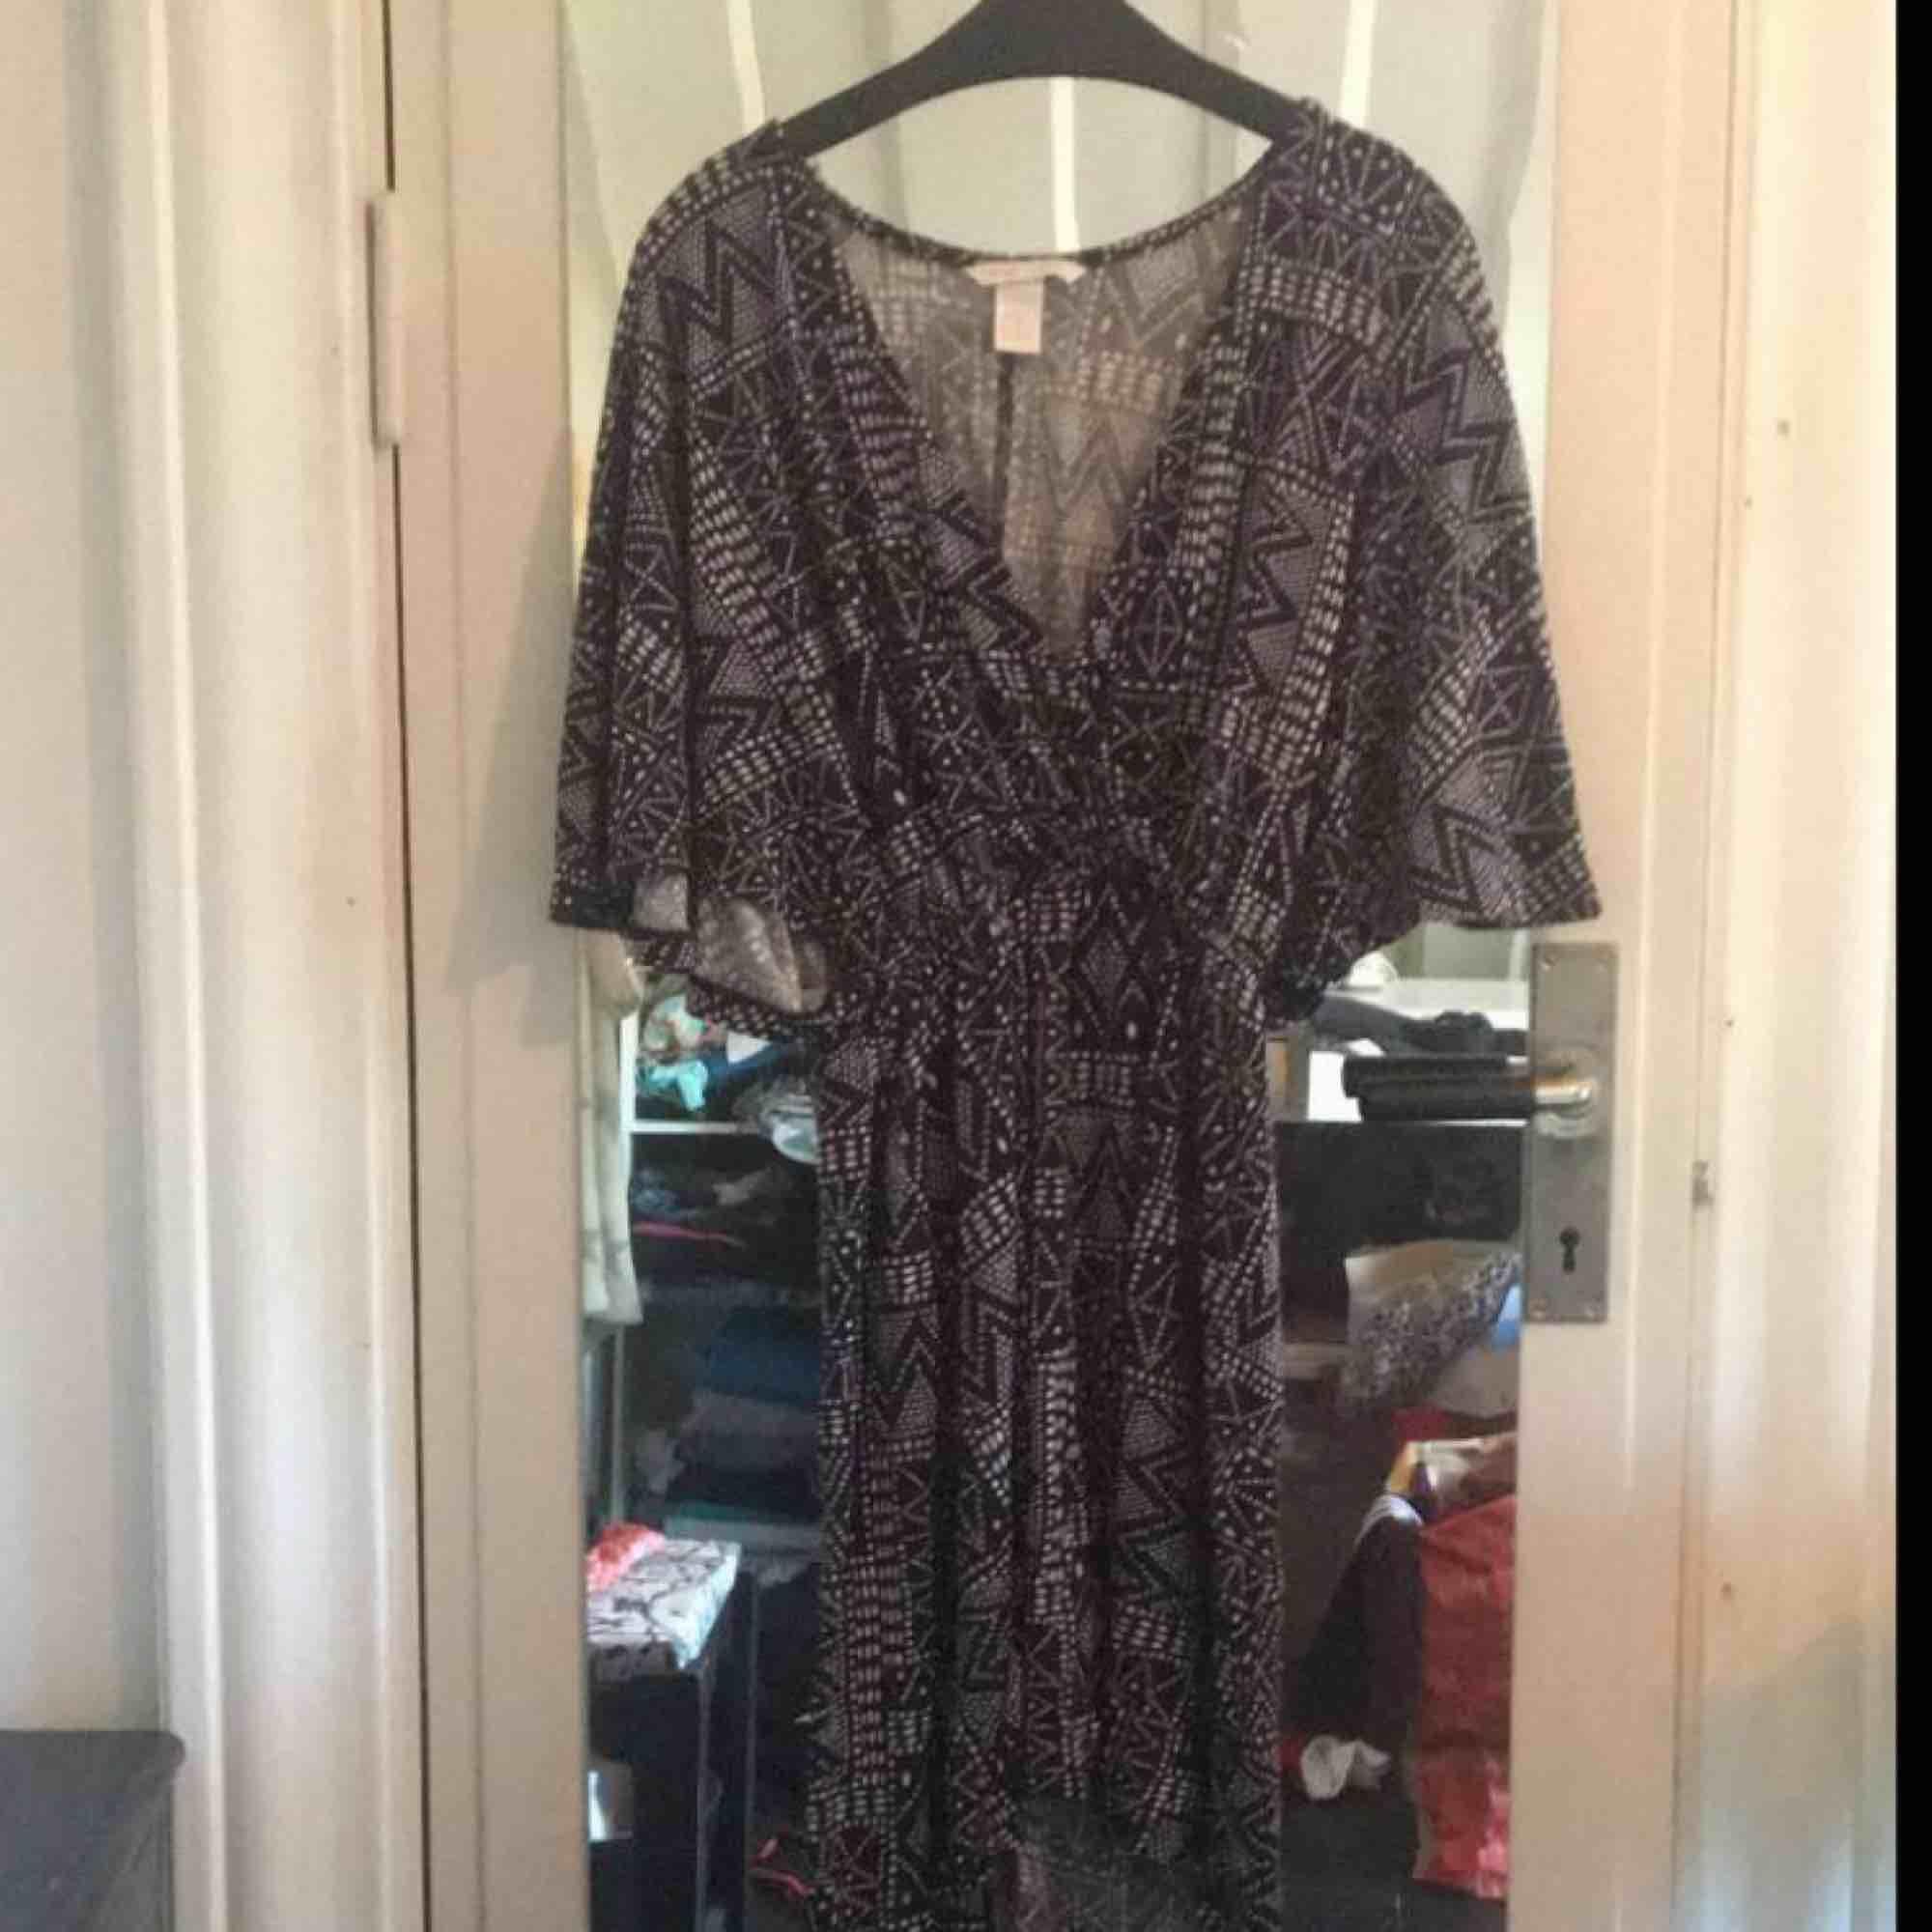 Jättefin klänning som jag säljer pga att den inte passar mig längre. Sitter snyggt på och har en bra längd men är lite kort på mig som är ca 170. I skick som ny. Färgen är blå/svart. Köparen står för frakten. . Klänningar.